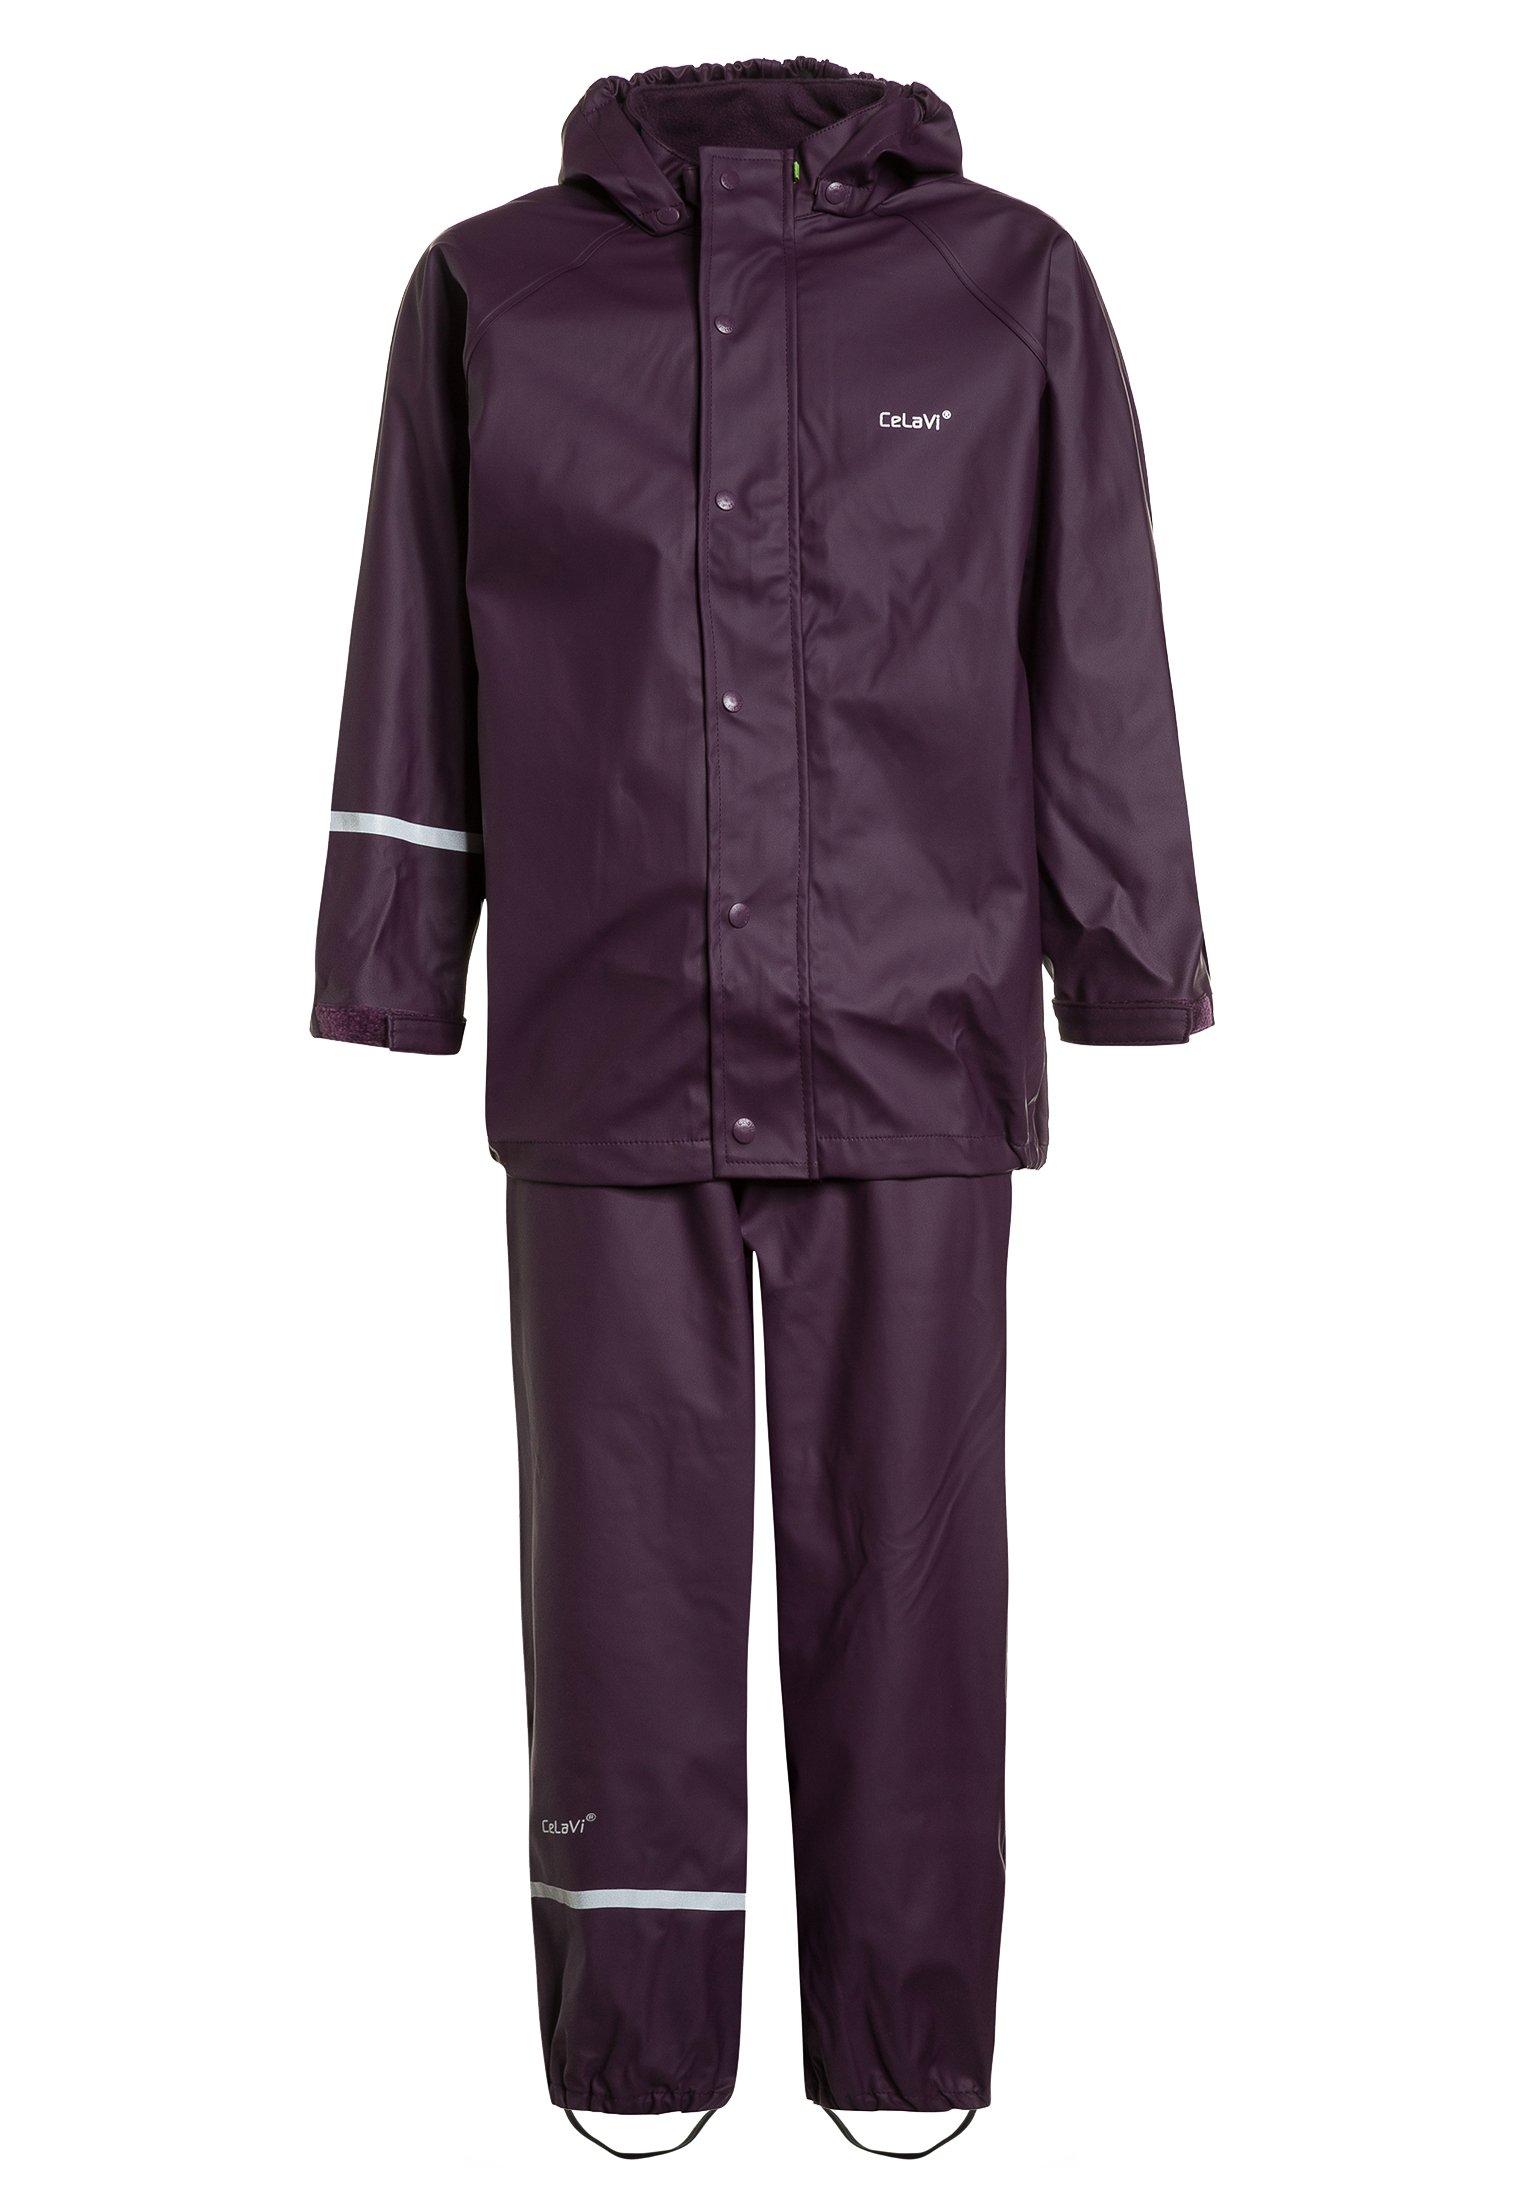 Enfant SET UNISEX - Pantalon de pluie